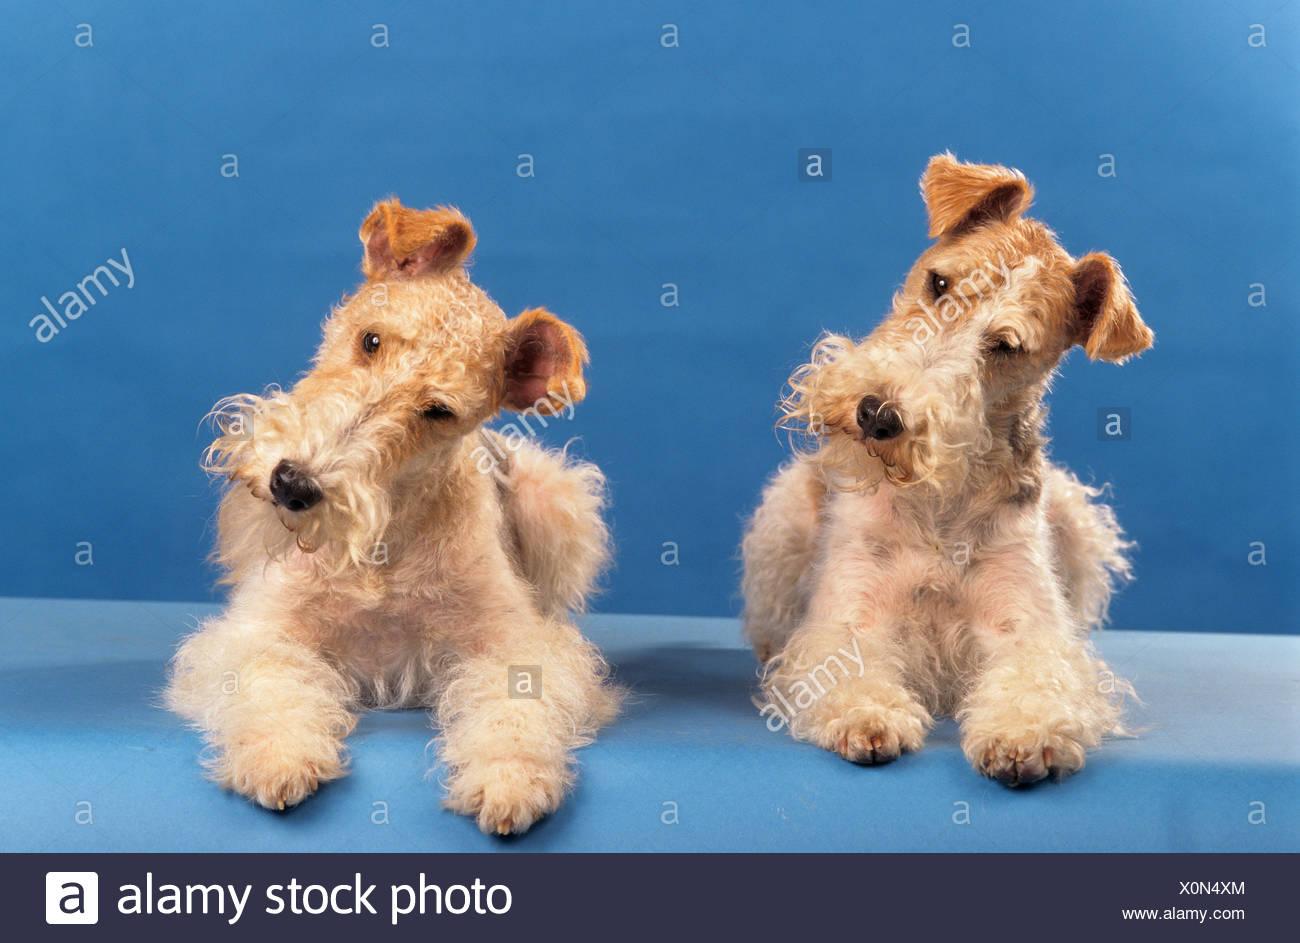 Ziemlich Drahthaar Foxterrier Adoption Fotos - Elektrische ...